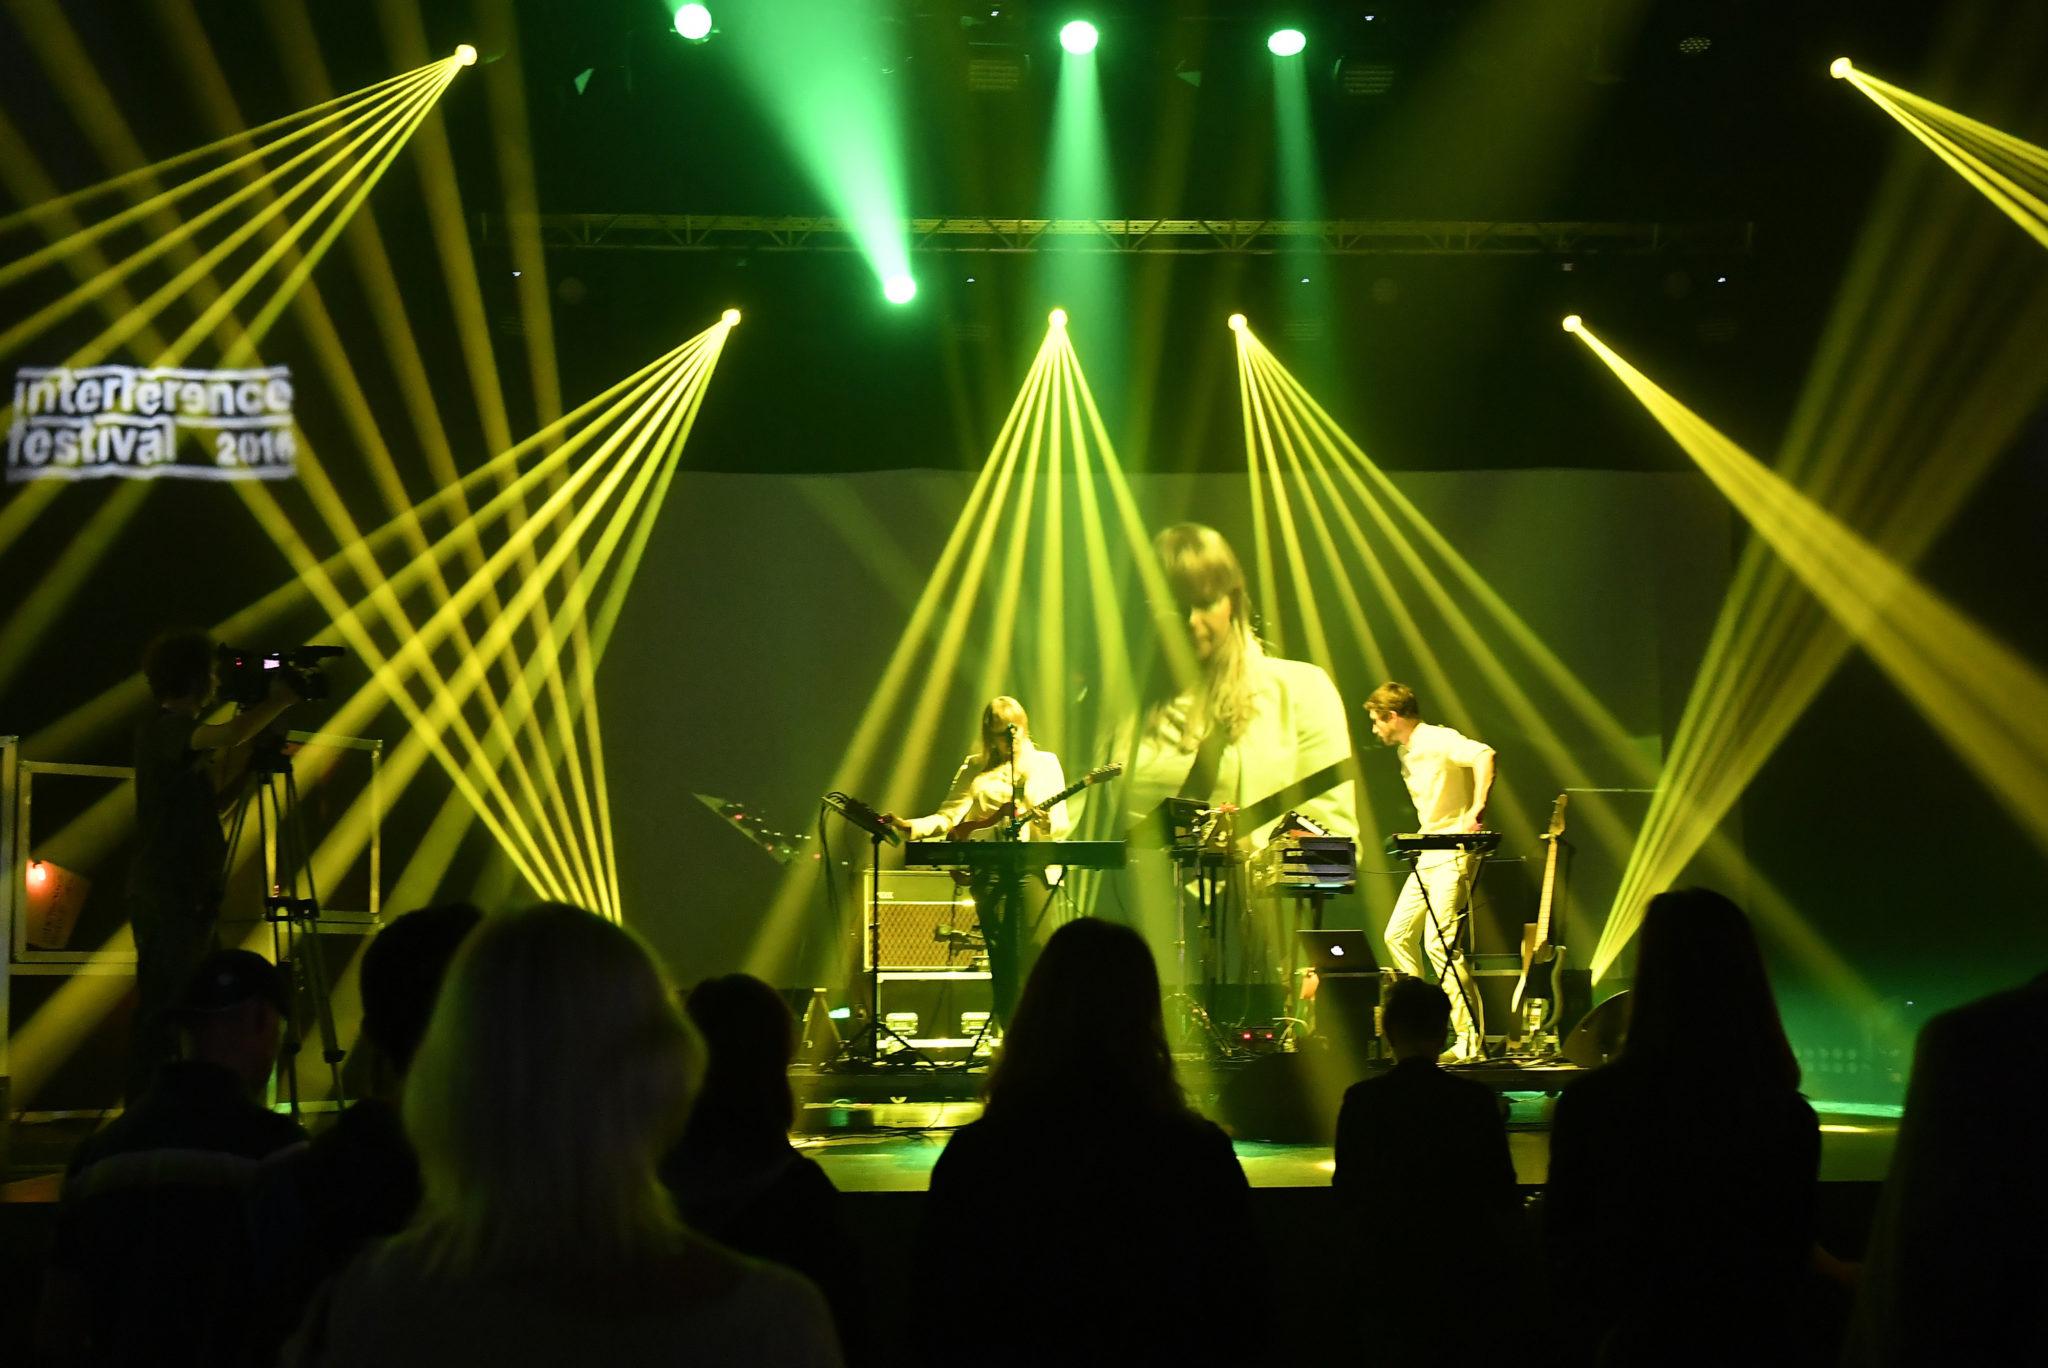 Oświetlona reflektorami scena z zespołem